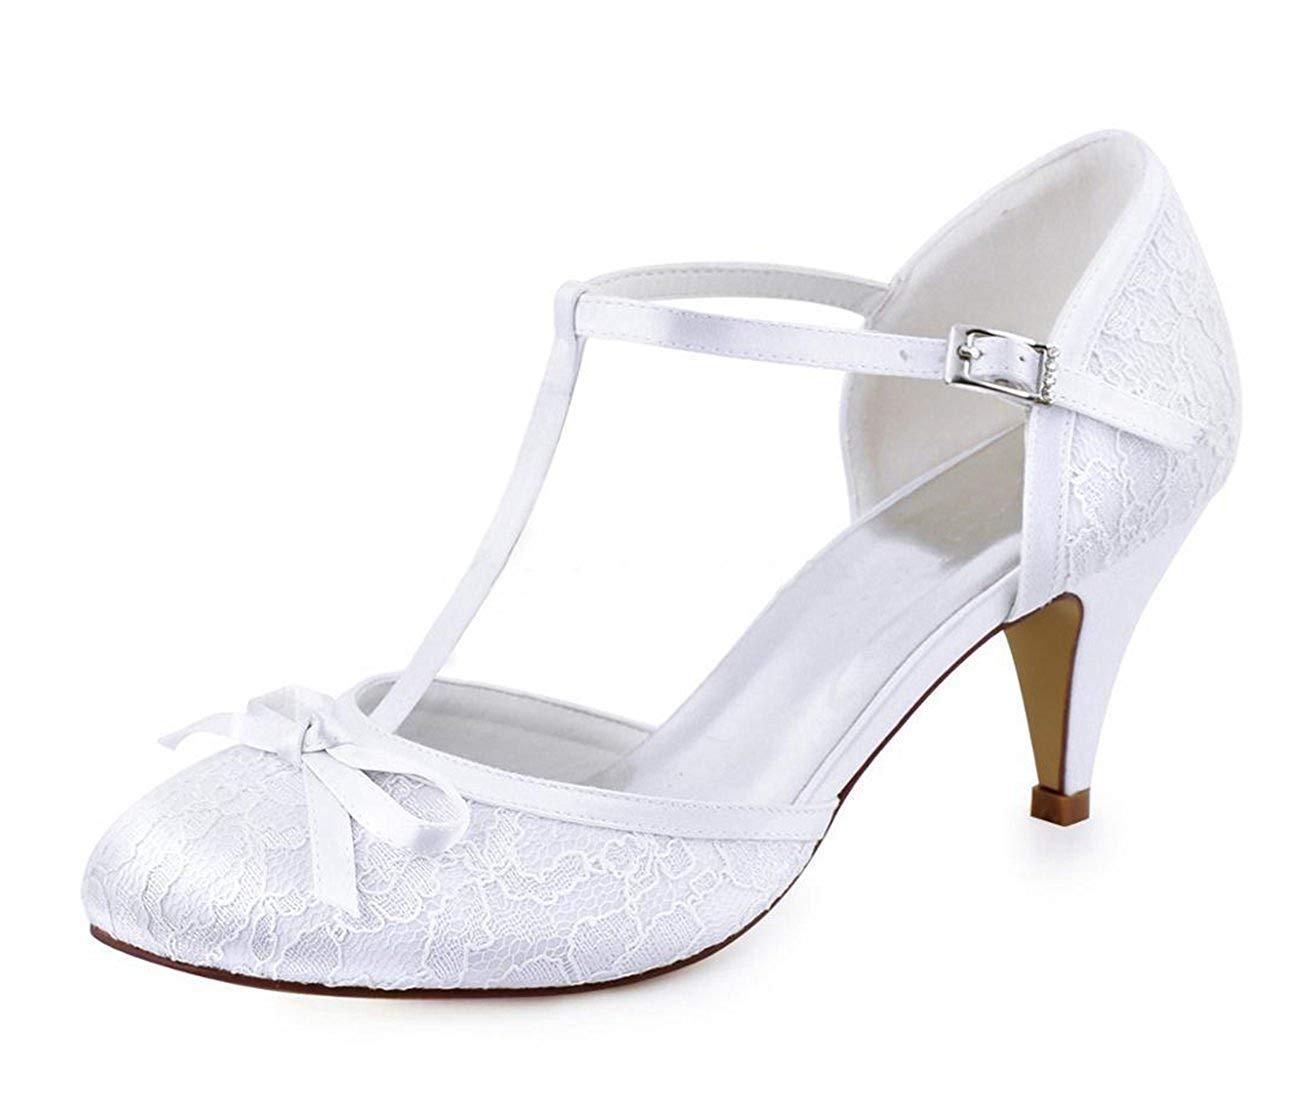 ZHRUI Damen-Knoten-Retro- Reizende weiße Spitze-Brauthochzeits-T-Bügel beschuht Großbritannien Großbritannien beschuht 3.5 (Farbe   -, Größe   -) 001073